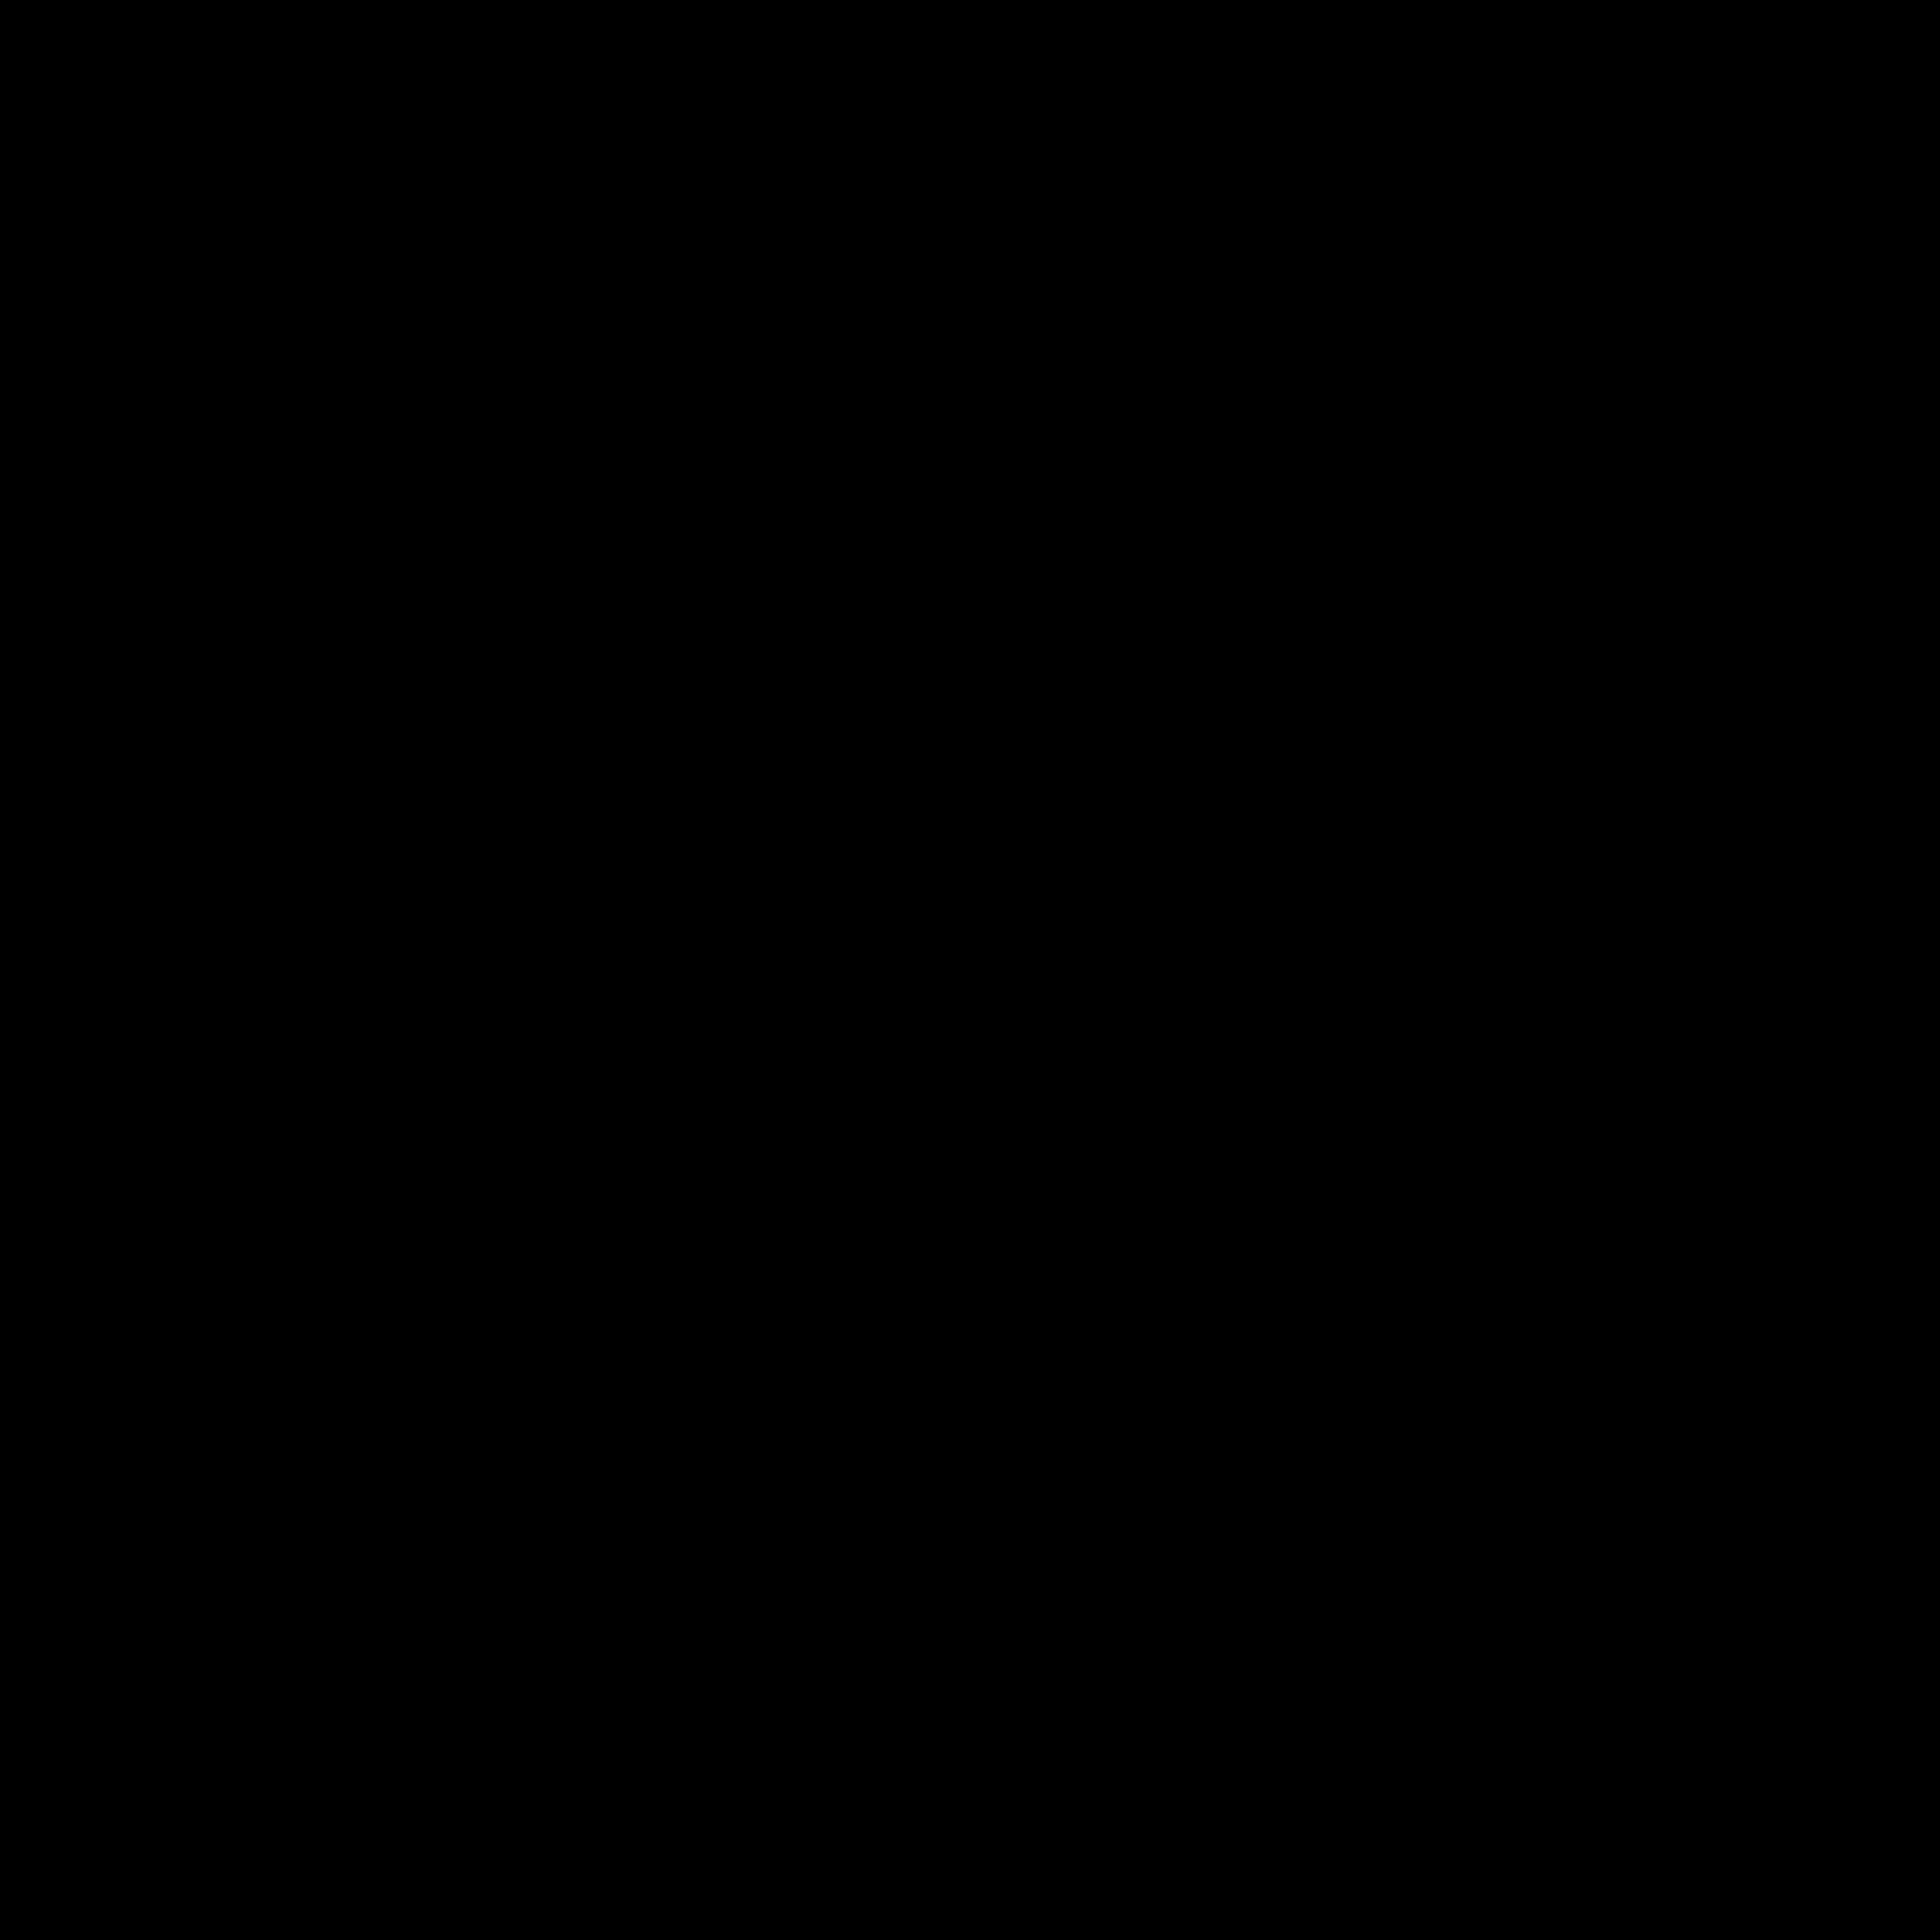 Pouf lounge extérieur flottant gris taupe